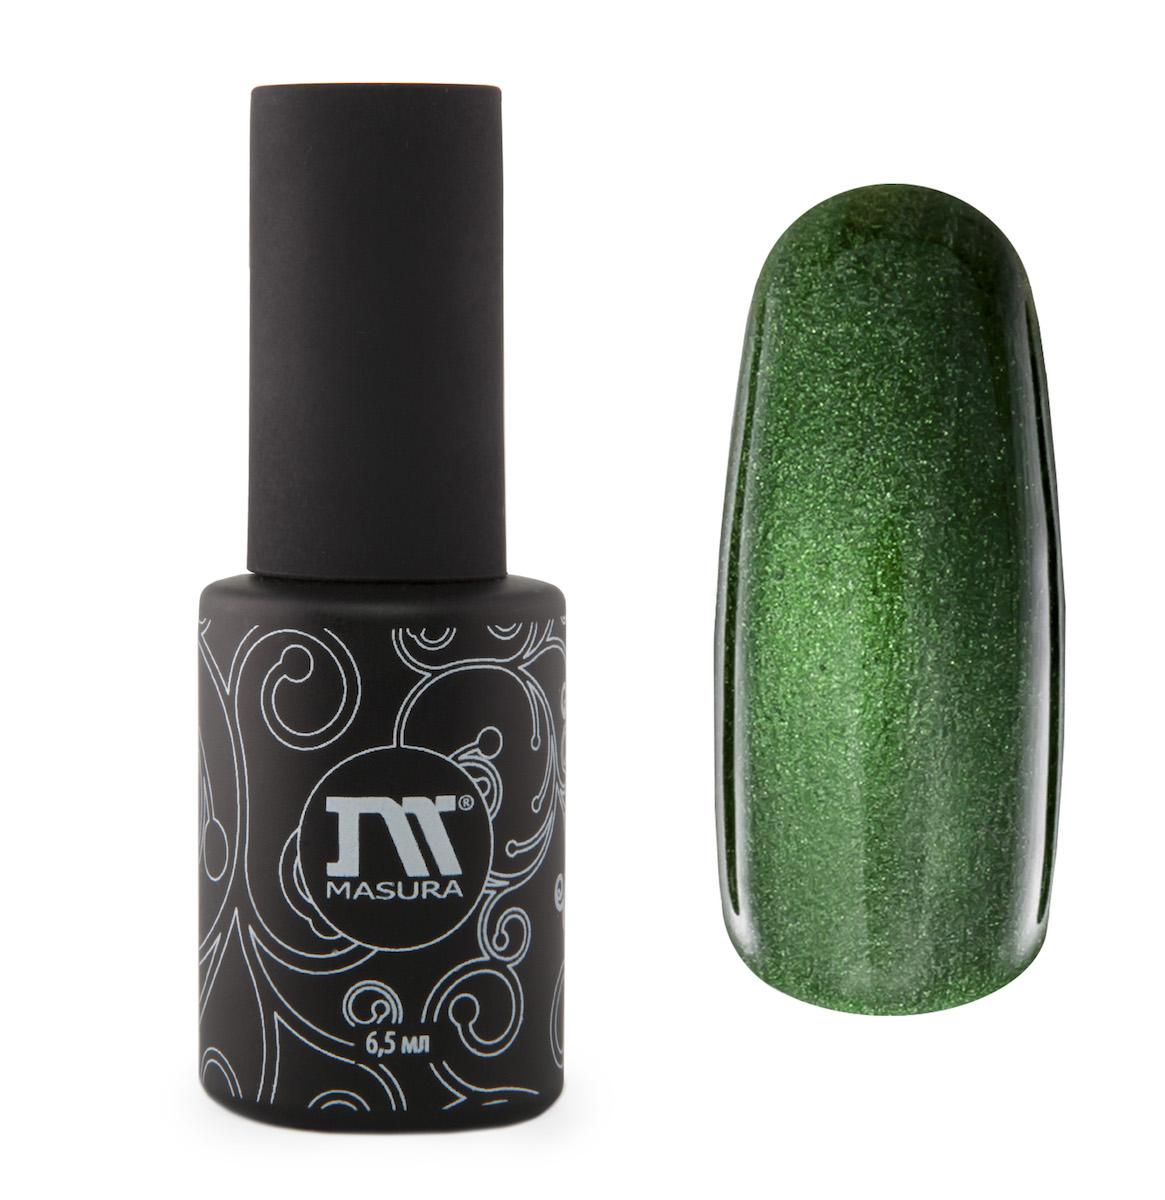 Masura Гель-лак Фаберже, 6,5 мл30073664066теплый изумрудно-зеленый, с зеркальным переливом, плотный